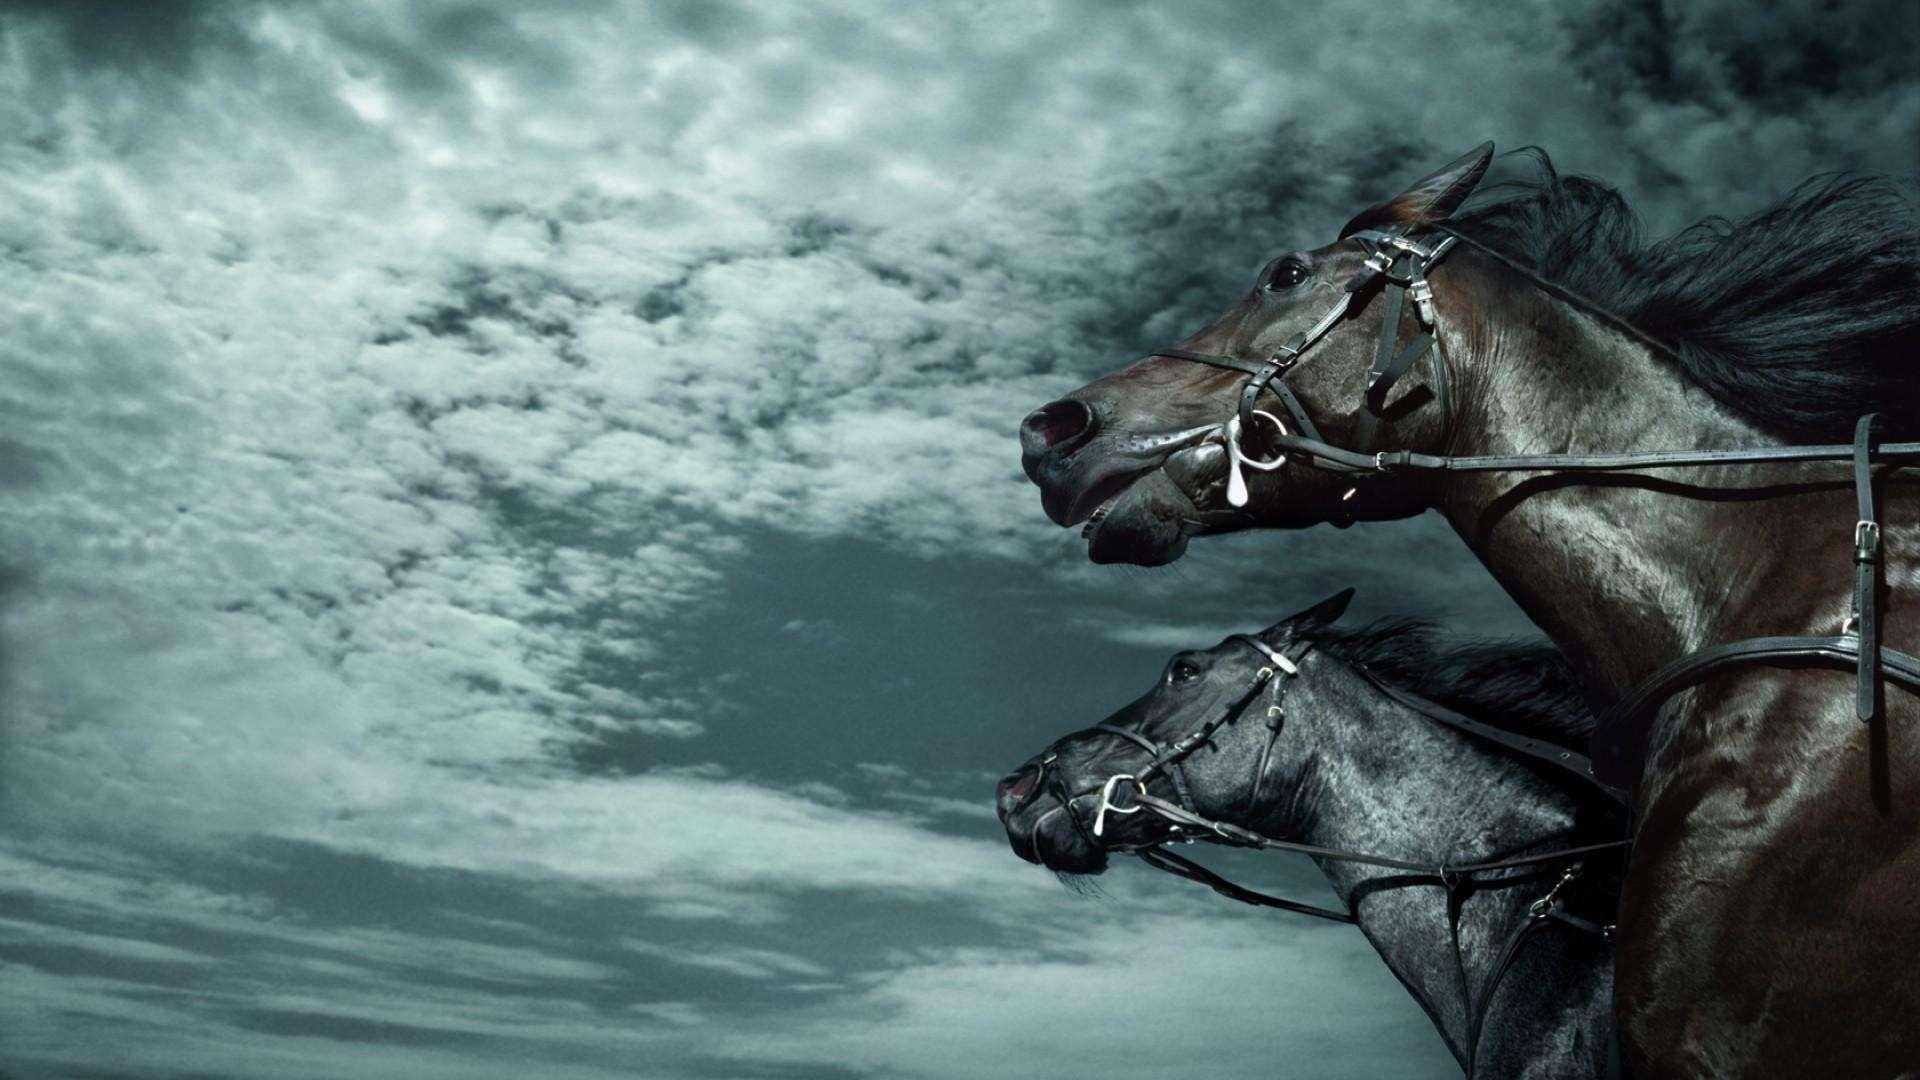 Photos Horses Wallpaper Hd 1080p Horses Horse Wallpaper Beautiful Horses